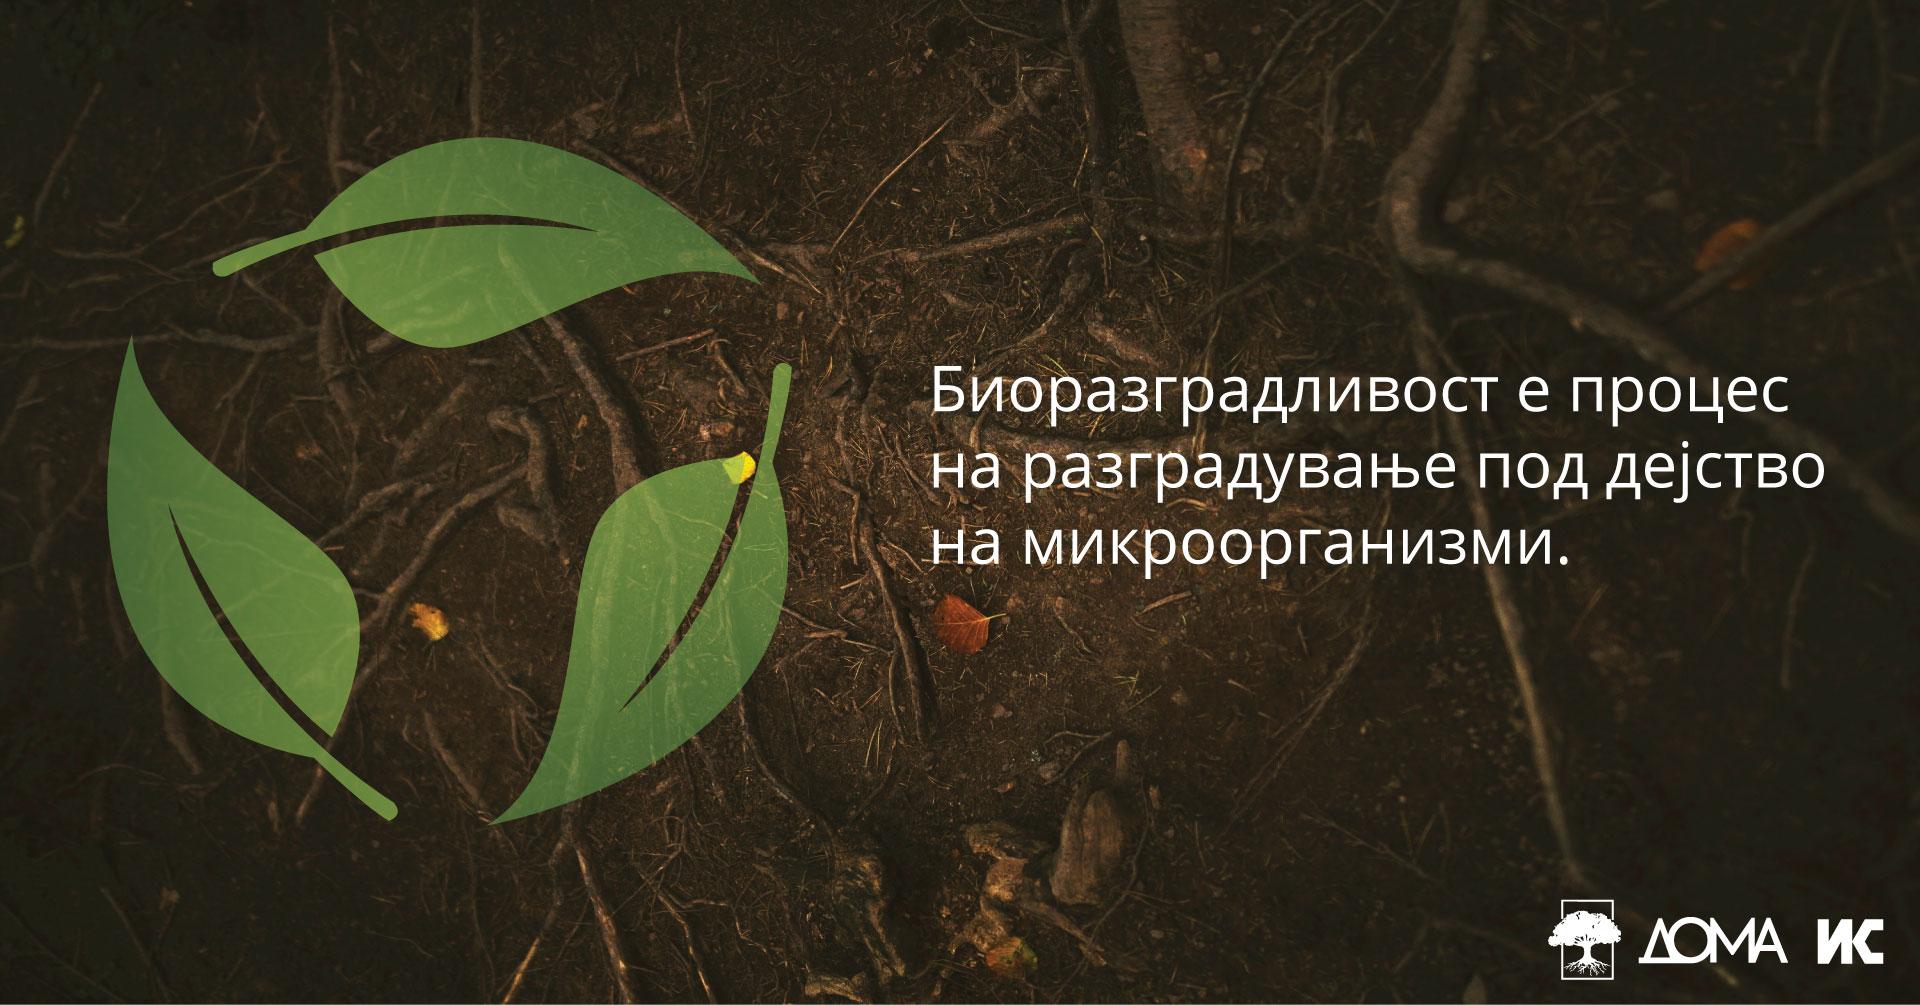 Biorazgradlivost